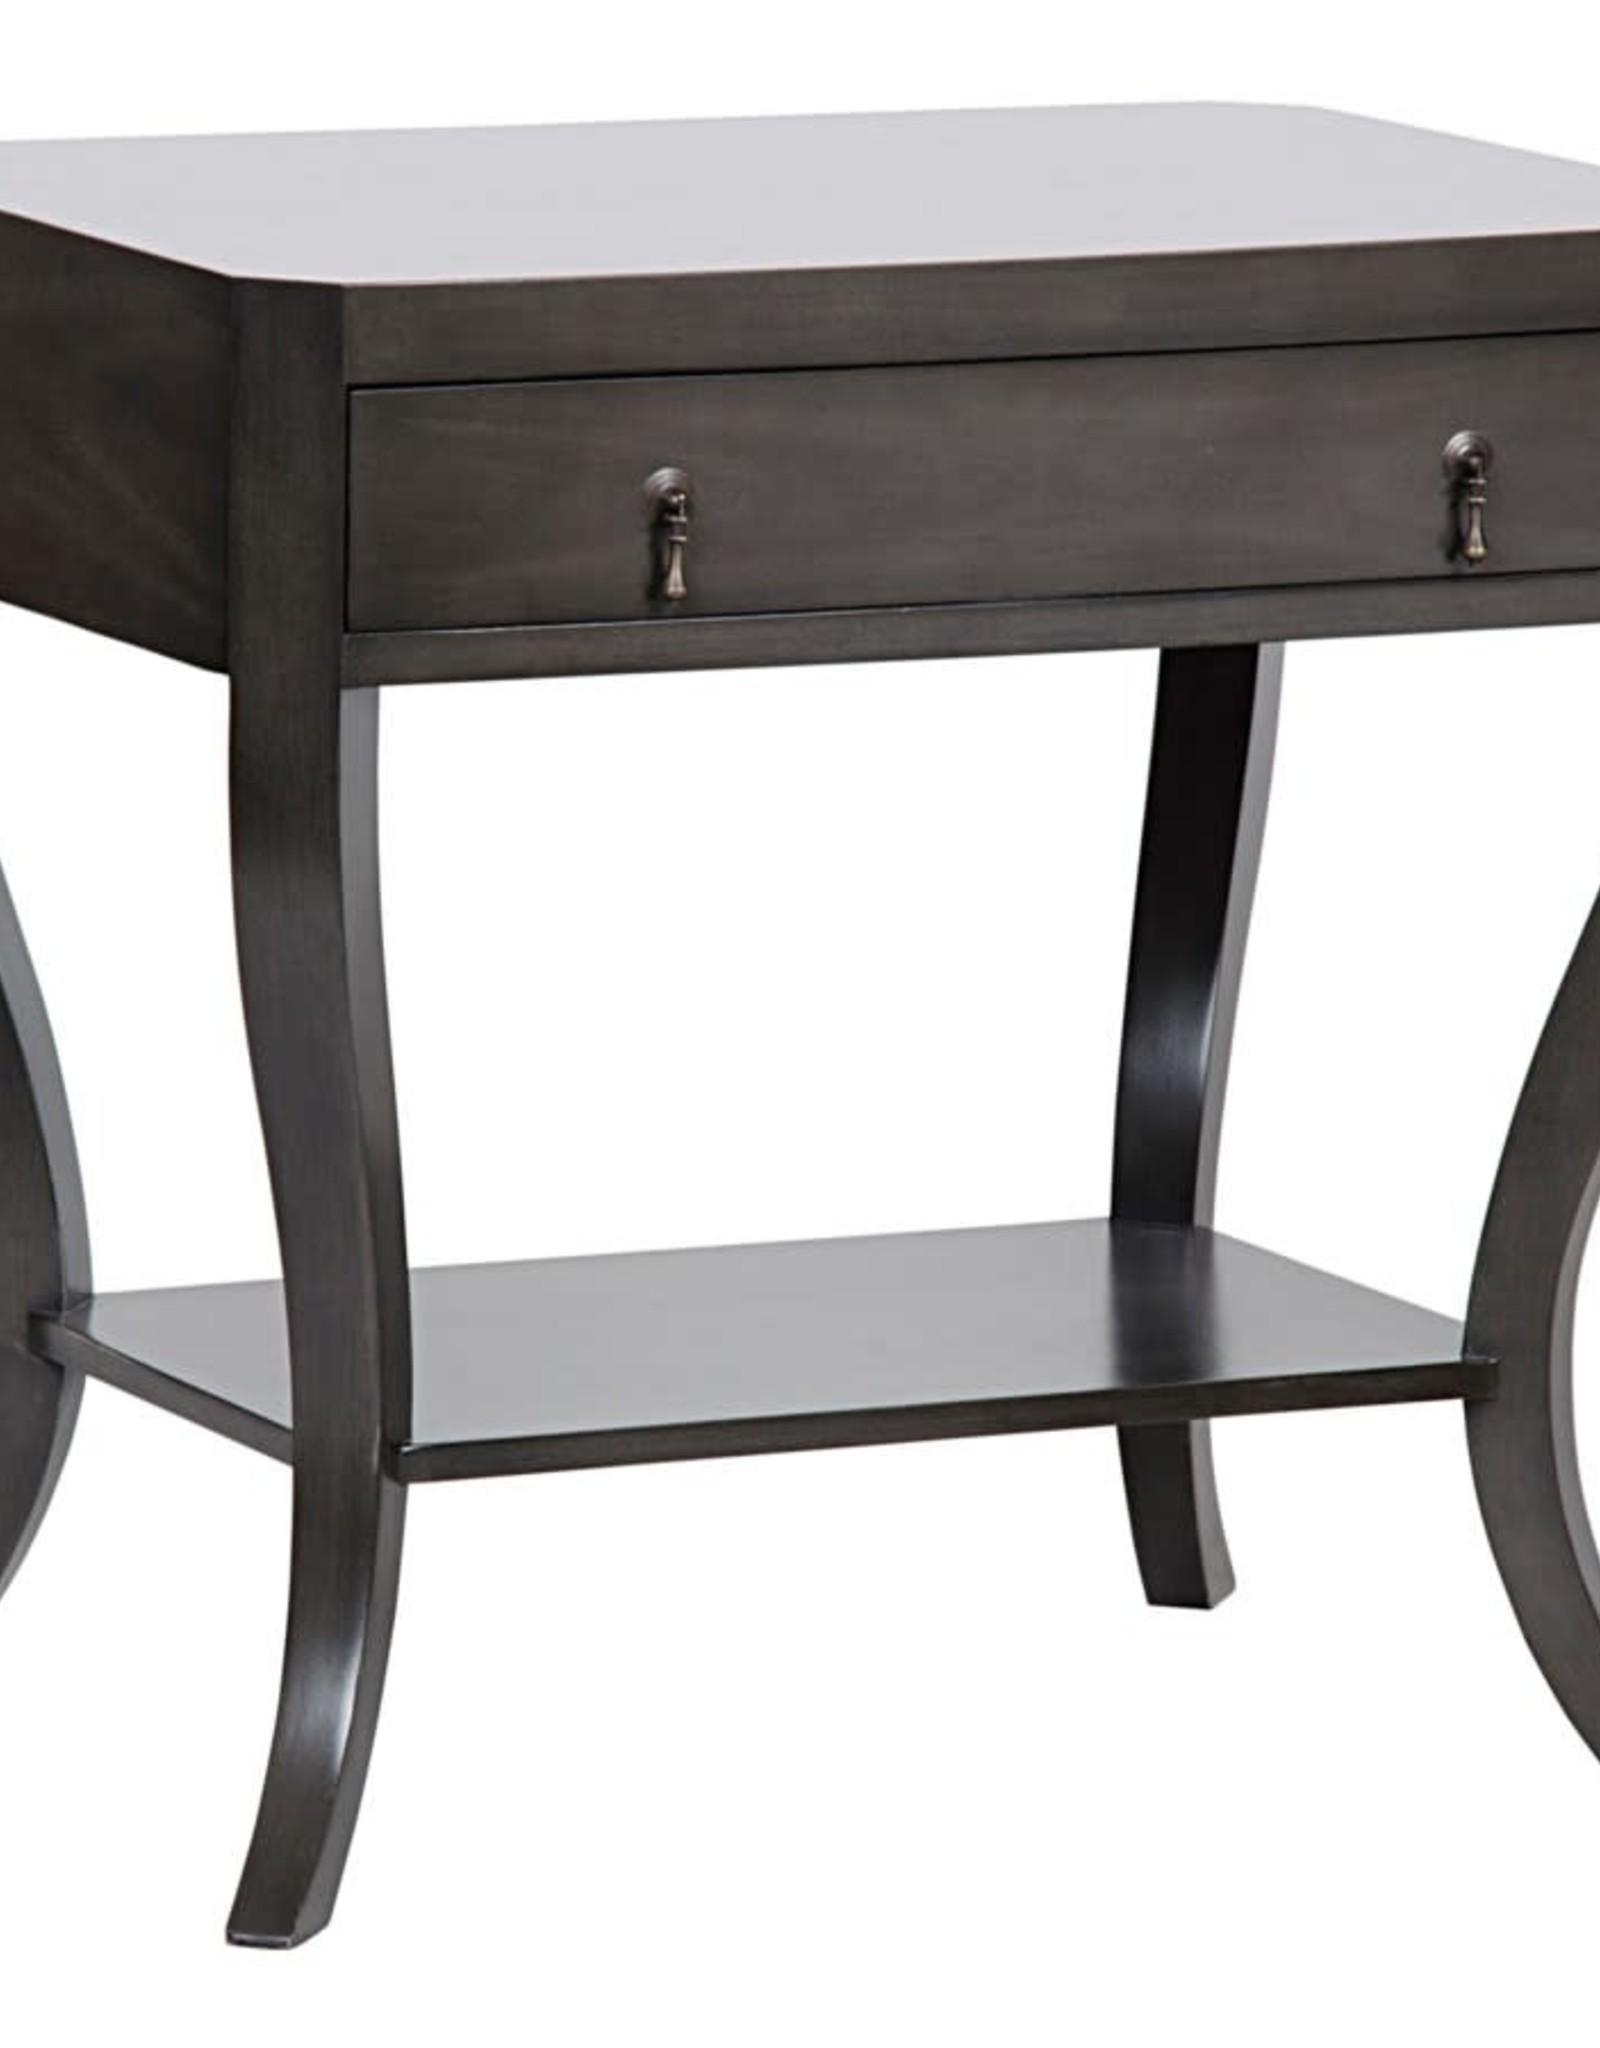 Noir Weldon Side Table 30 x 20x 28H, Pale